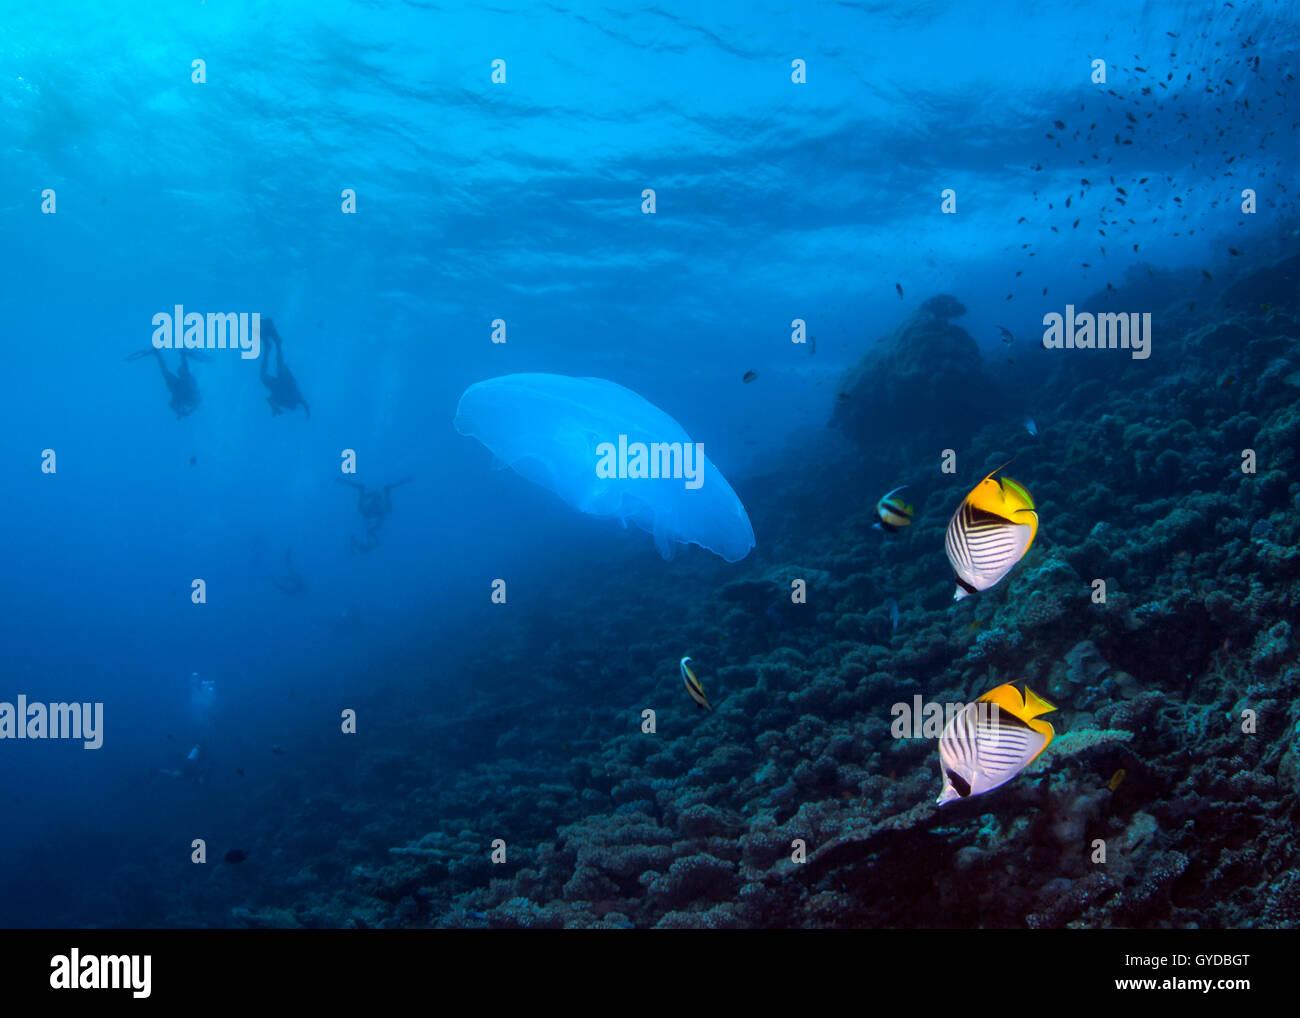 Seascape de medusas y el mapache Butterllyfish sobre arrecifes de coral con los buzos en silueta en las aguas azules Imagen De Stock